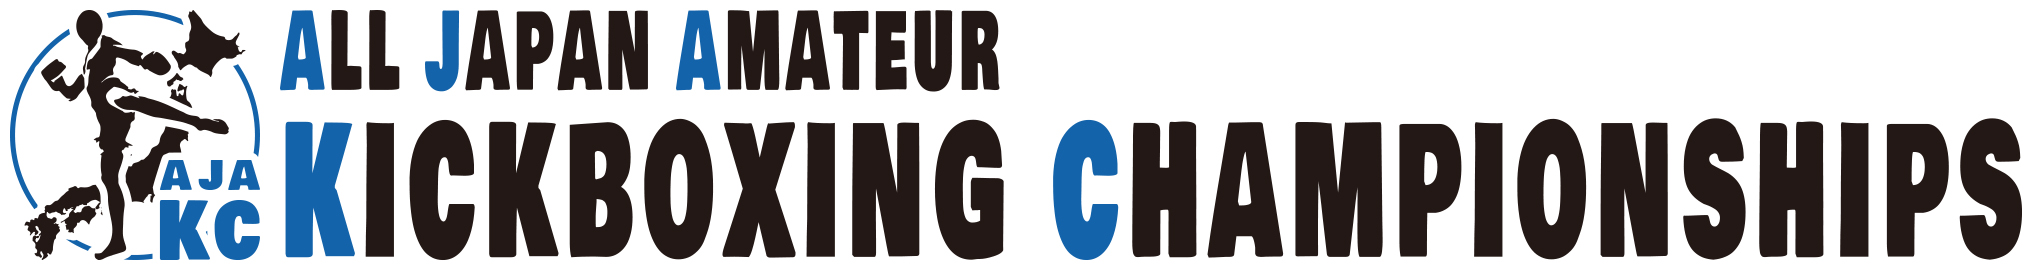 オールジャパンアマチュアキックボクシングチャンピオンシップス(全日本アマチュアキックボクシング選手権大会/AJAKC)